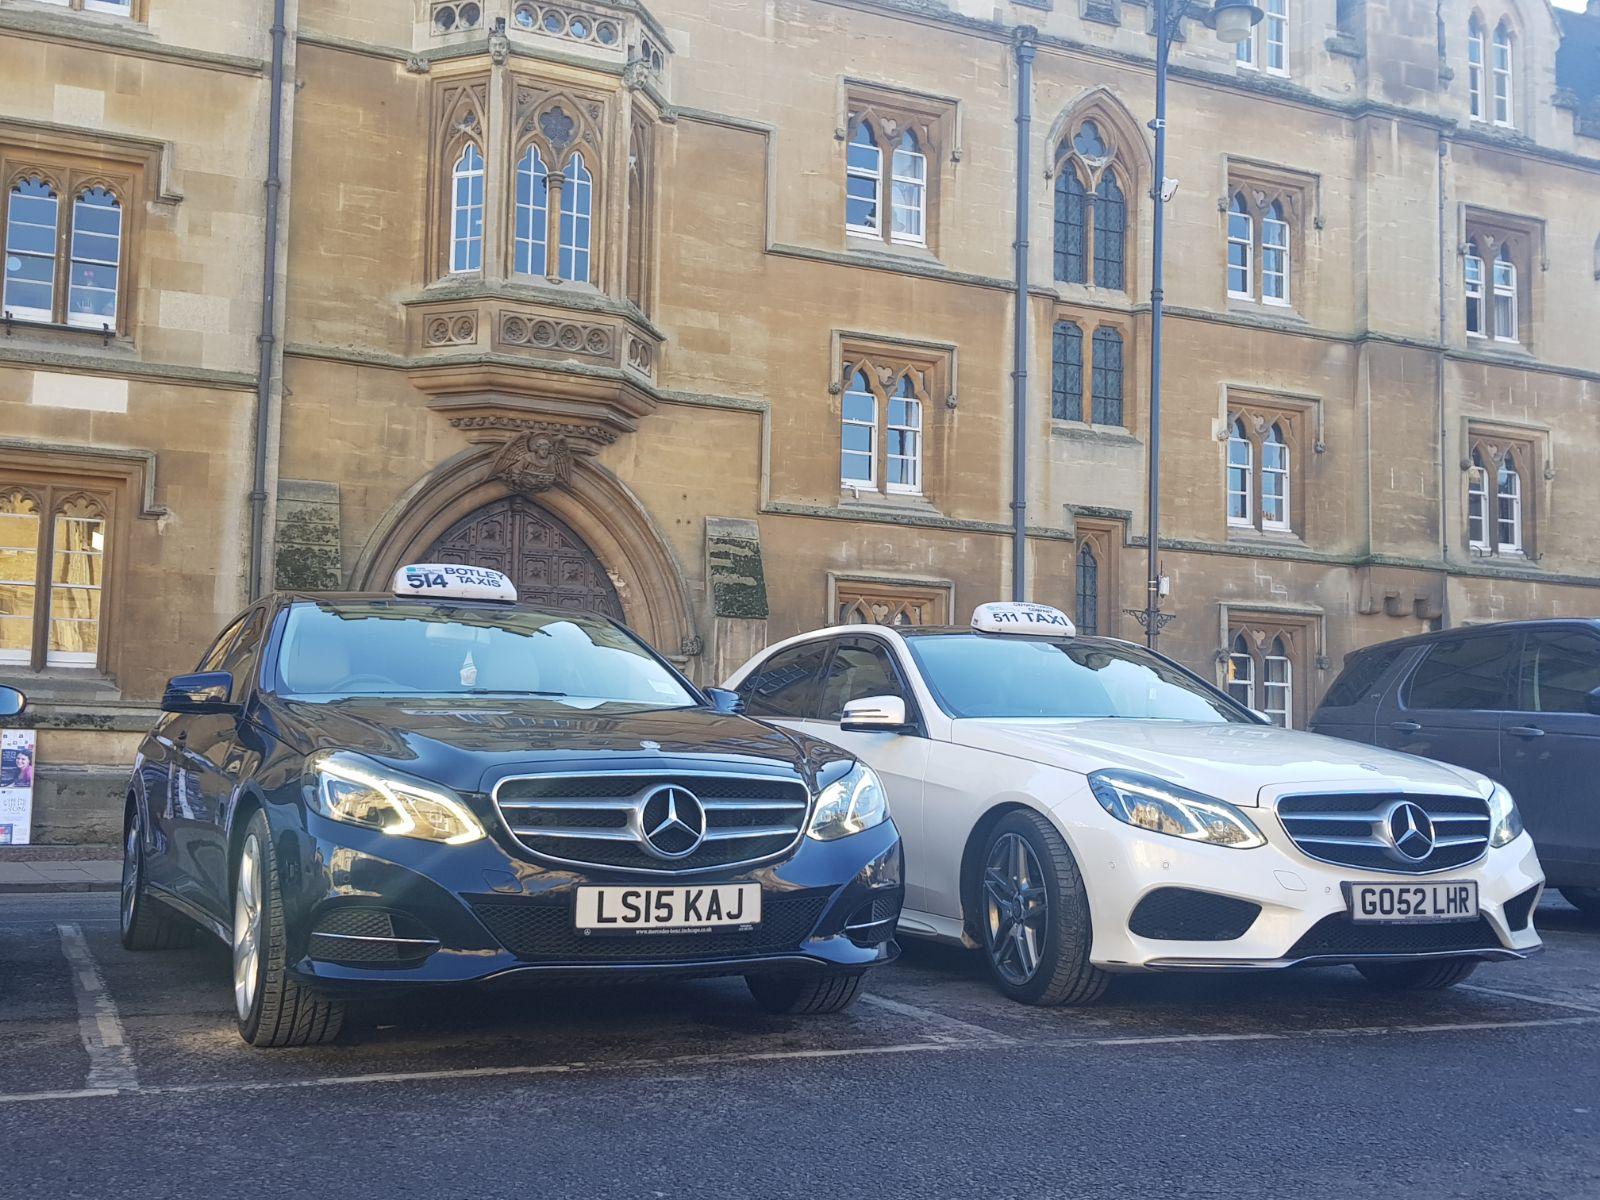 oxford chauffeur driven cars